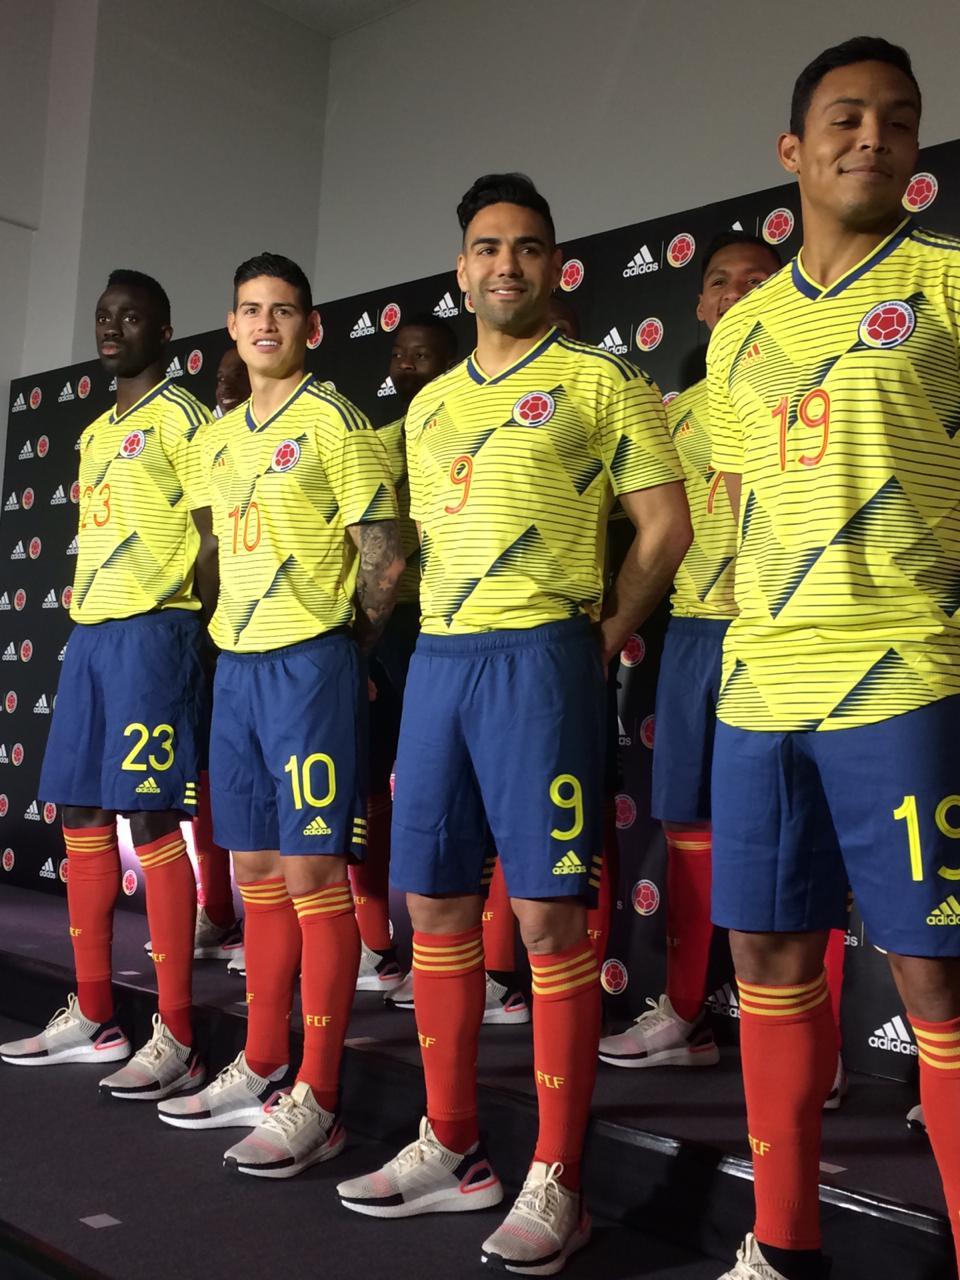 Minimizar Política Trastorno  Selección Colombia presentó su nueva camiseta - Eje21